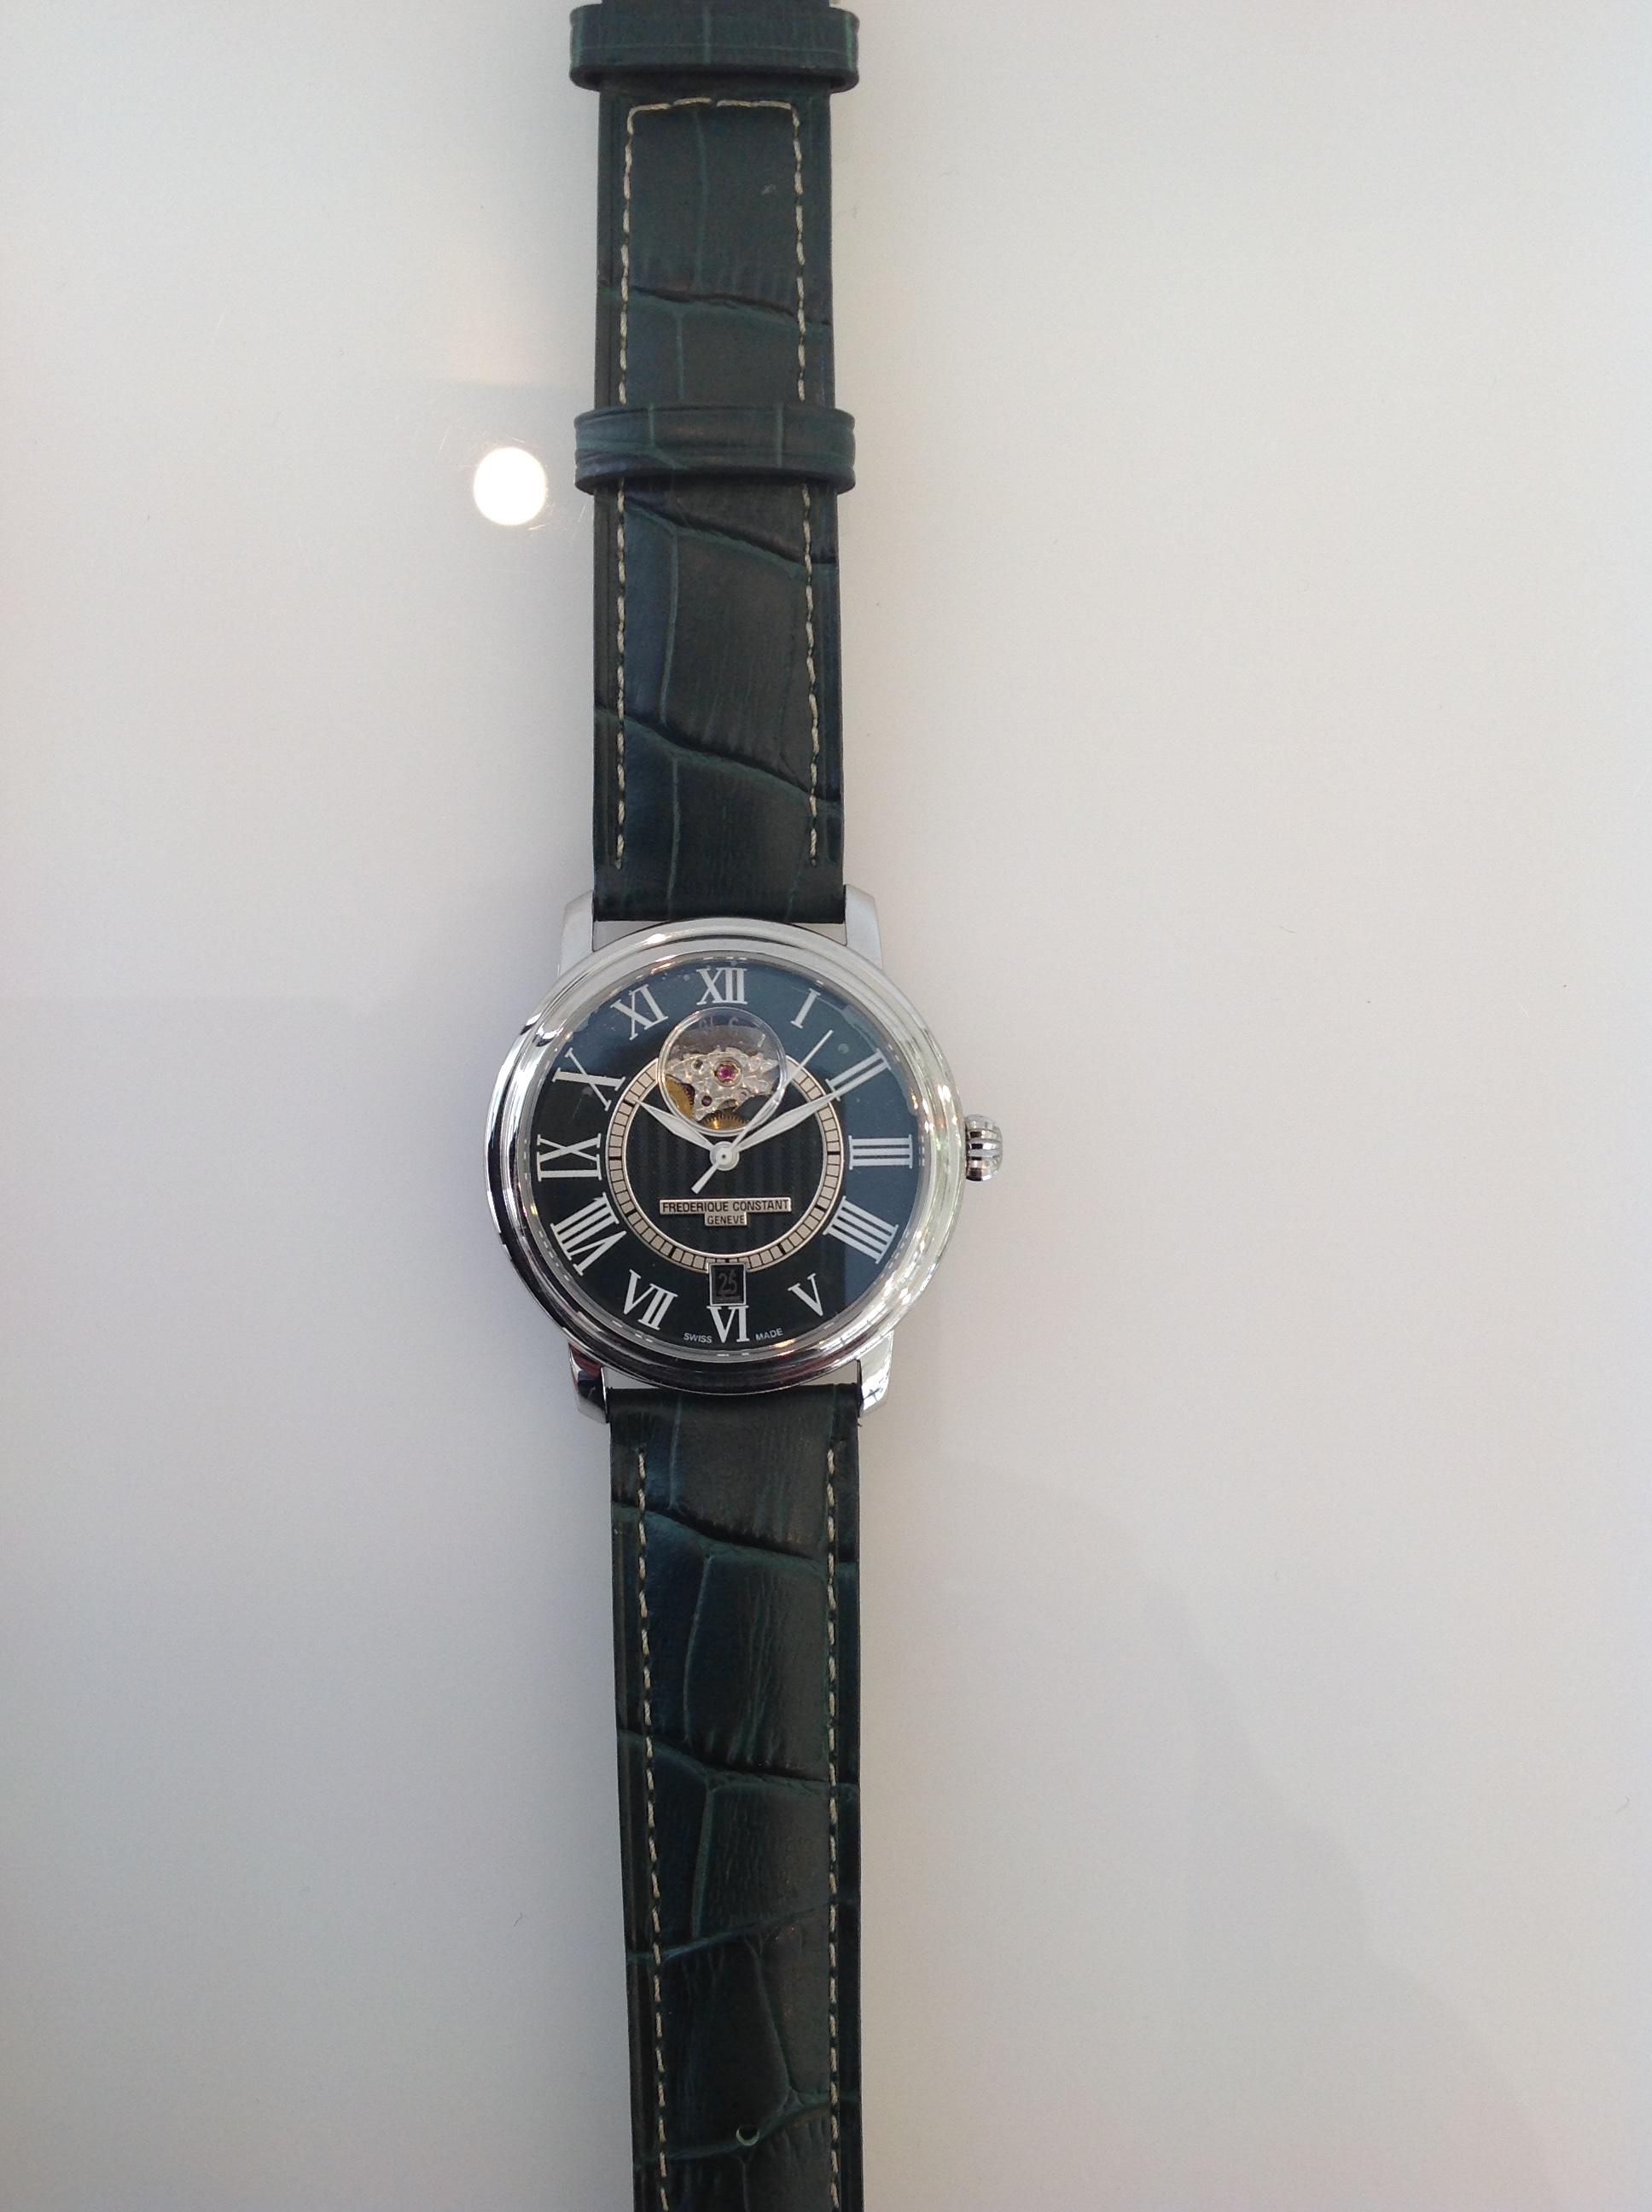 フレデリック コンスタントの腕時計